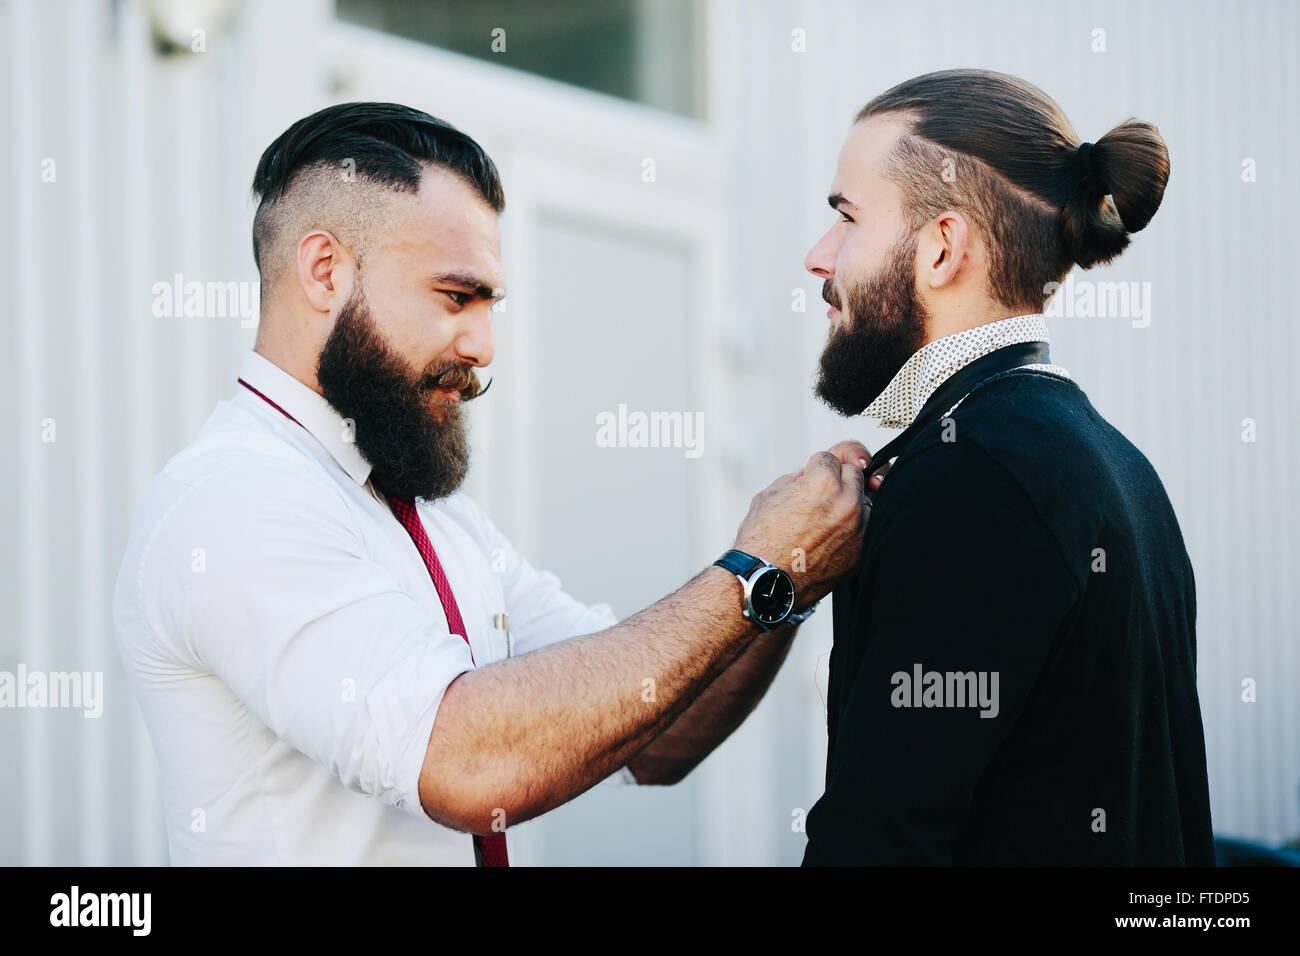 zwei Geschäftsleute bereit zu arbeiten Stockbild